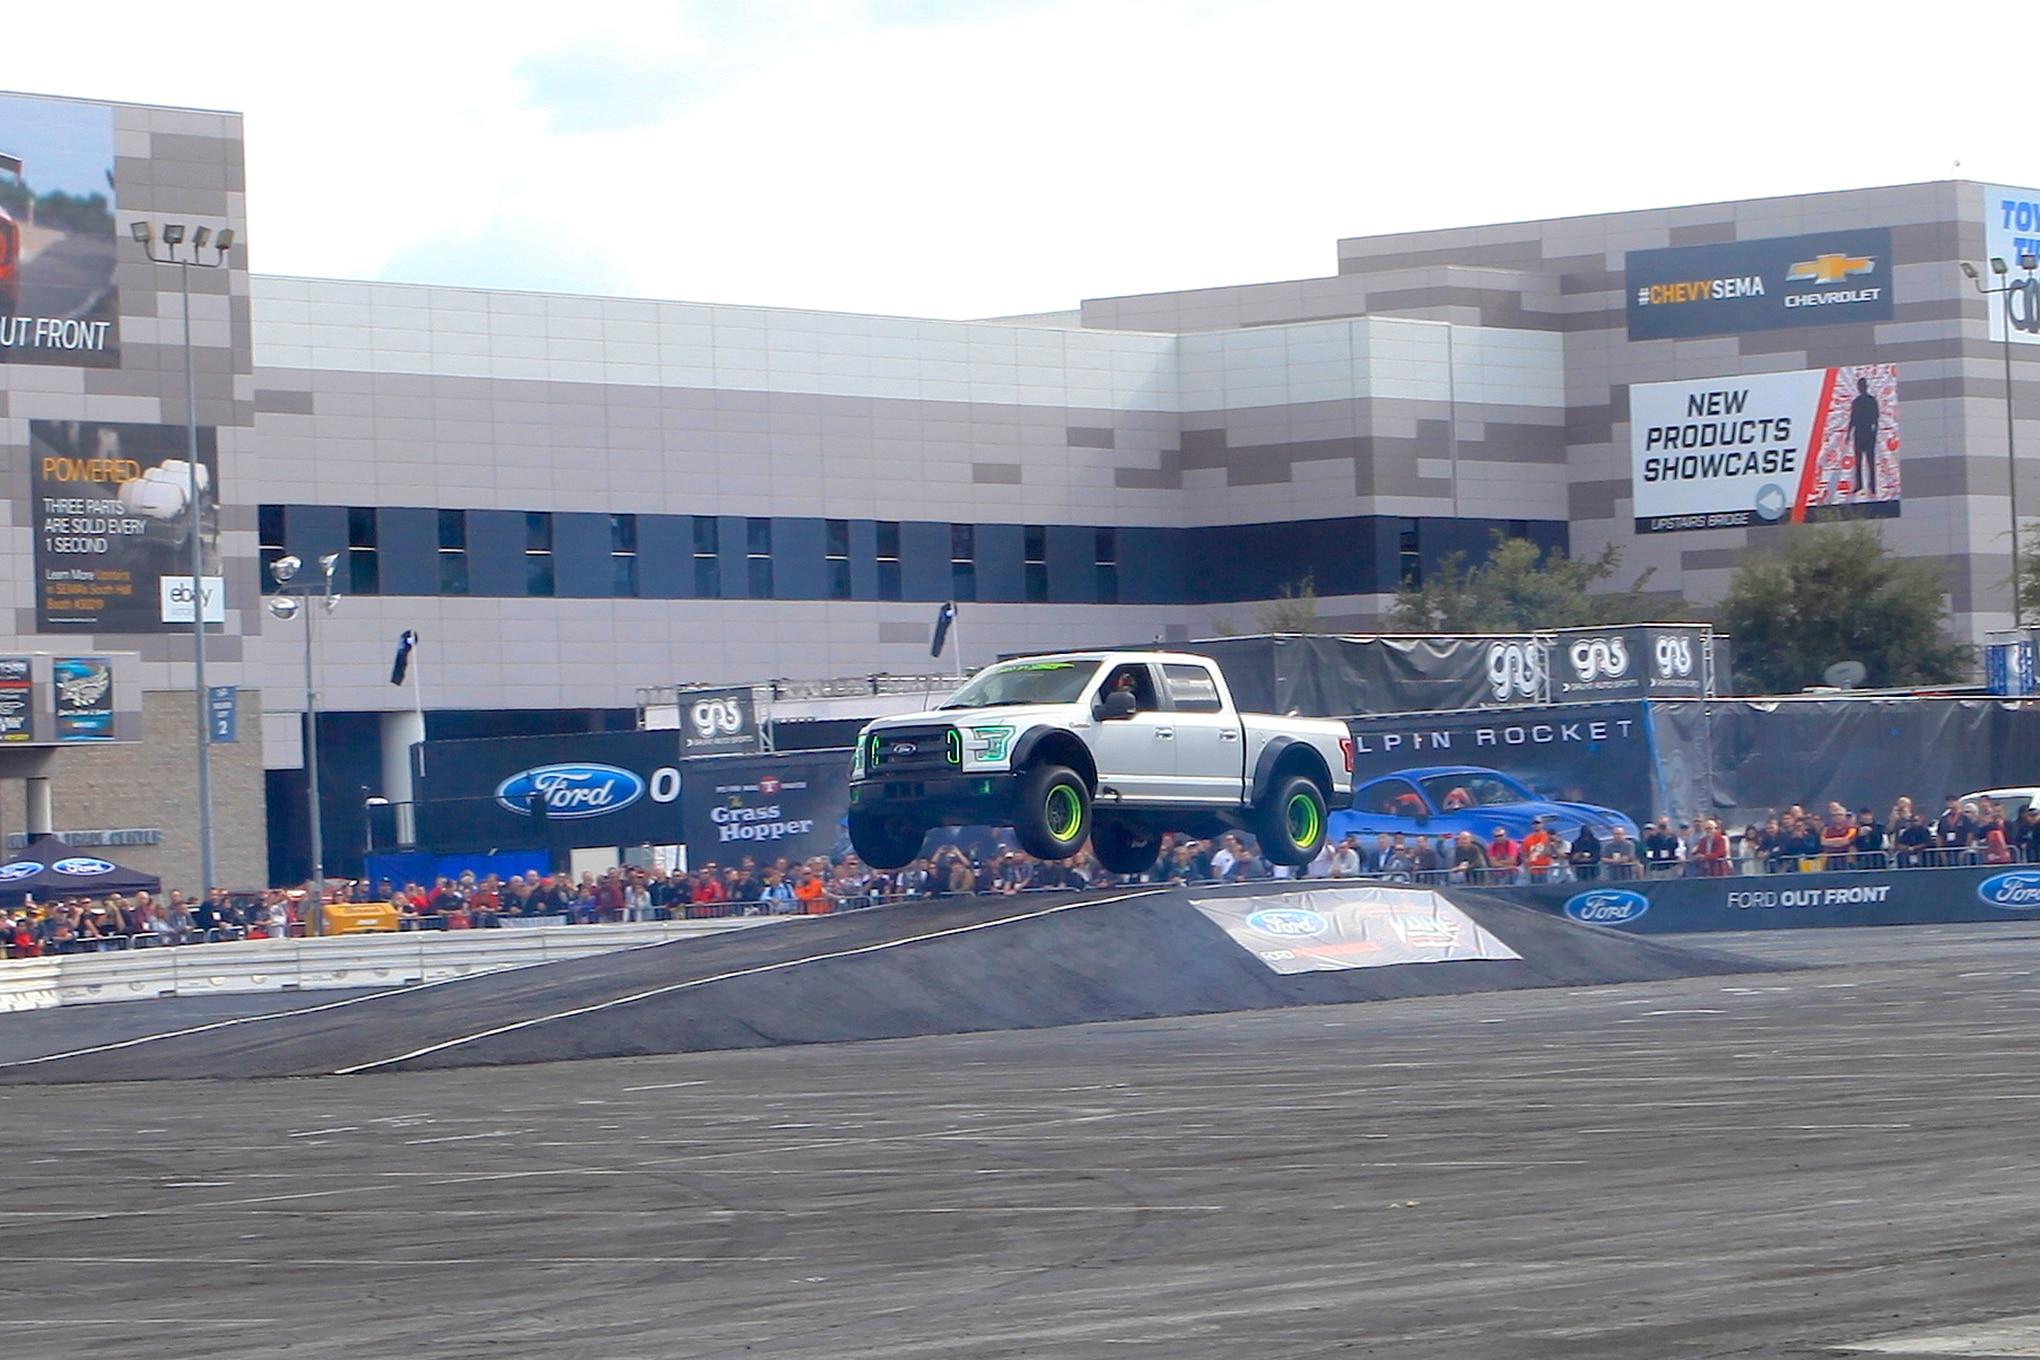 018 sema jumping ford